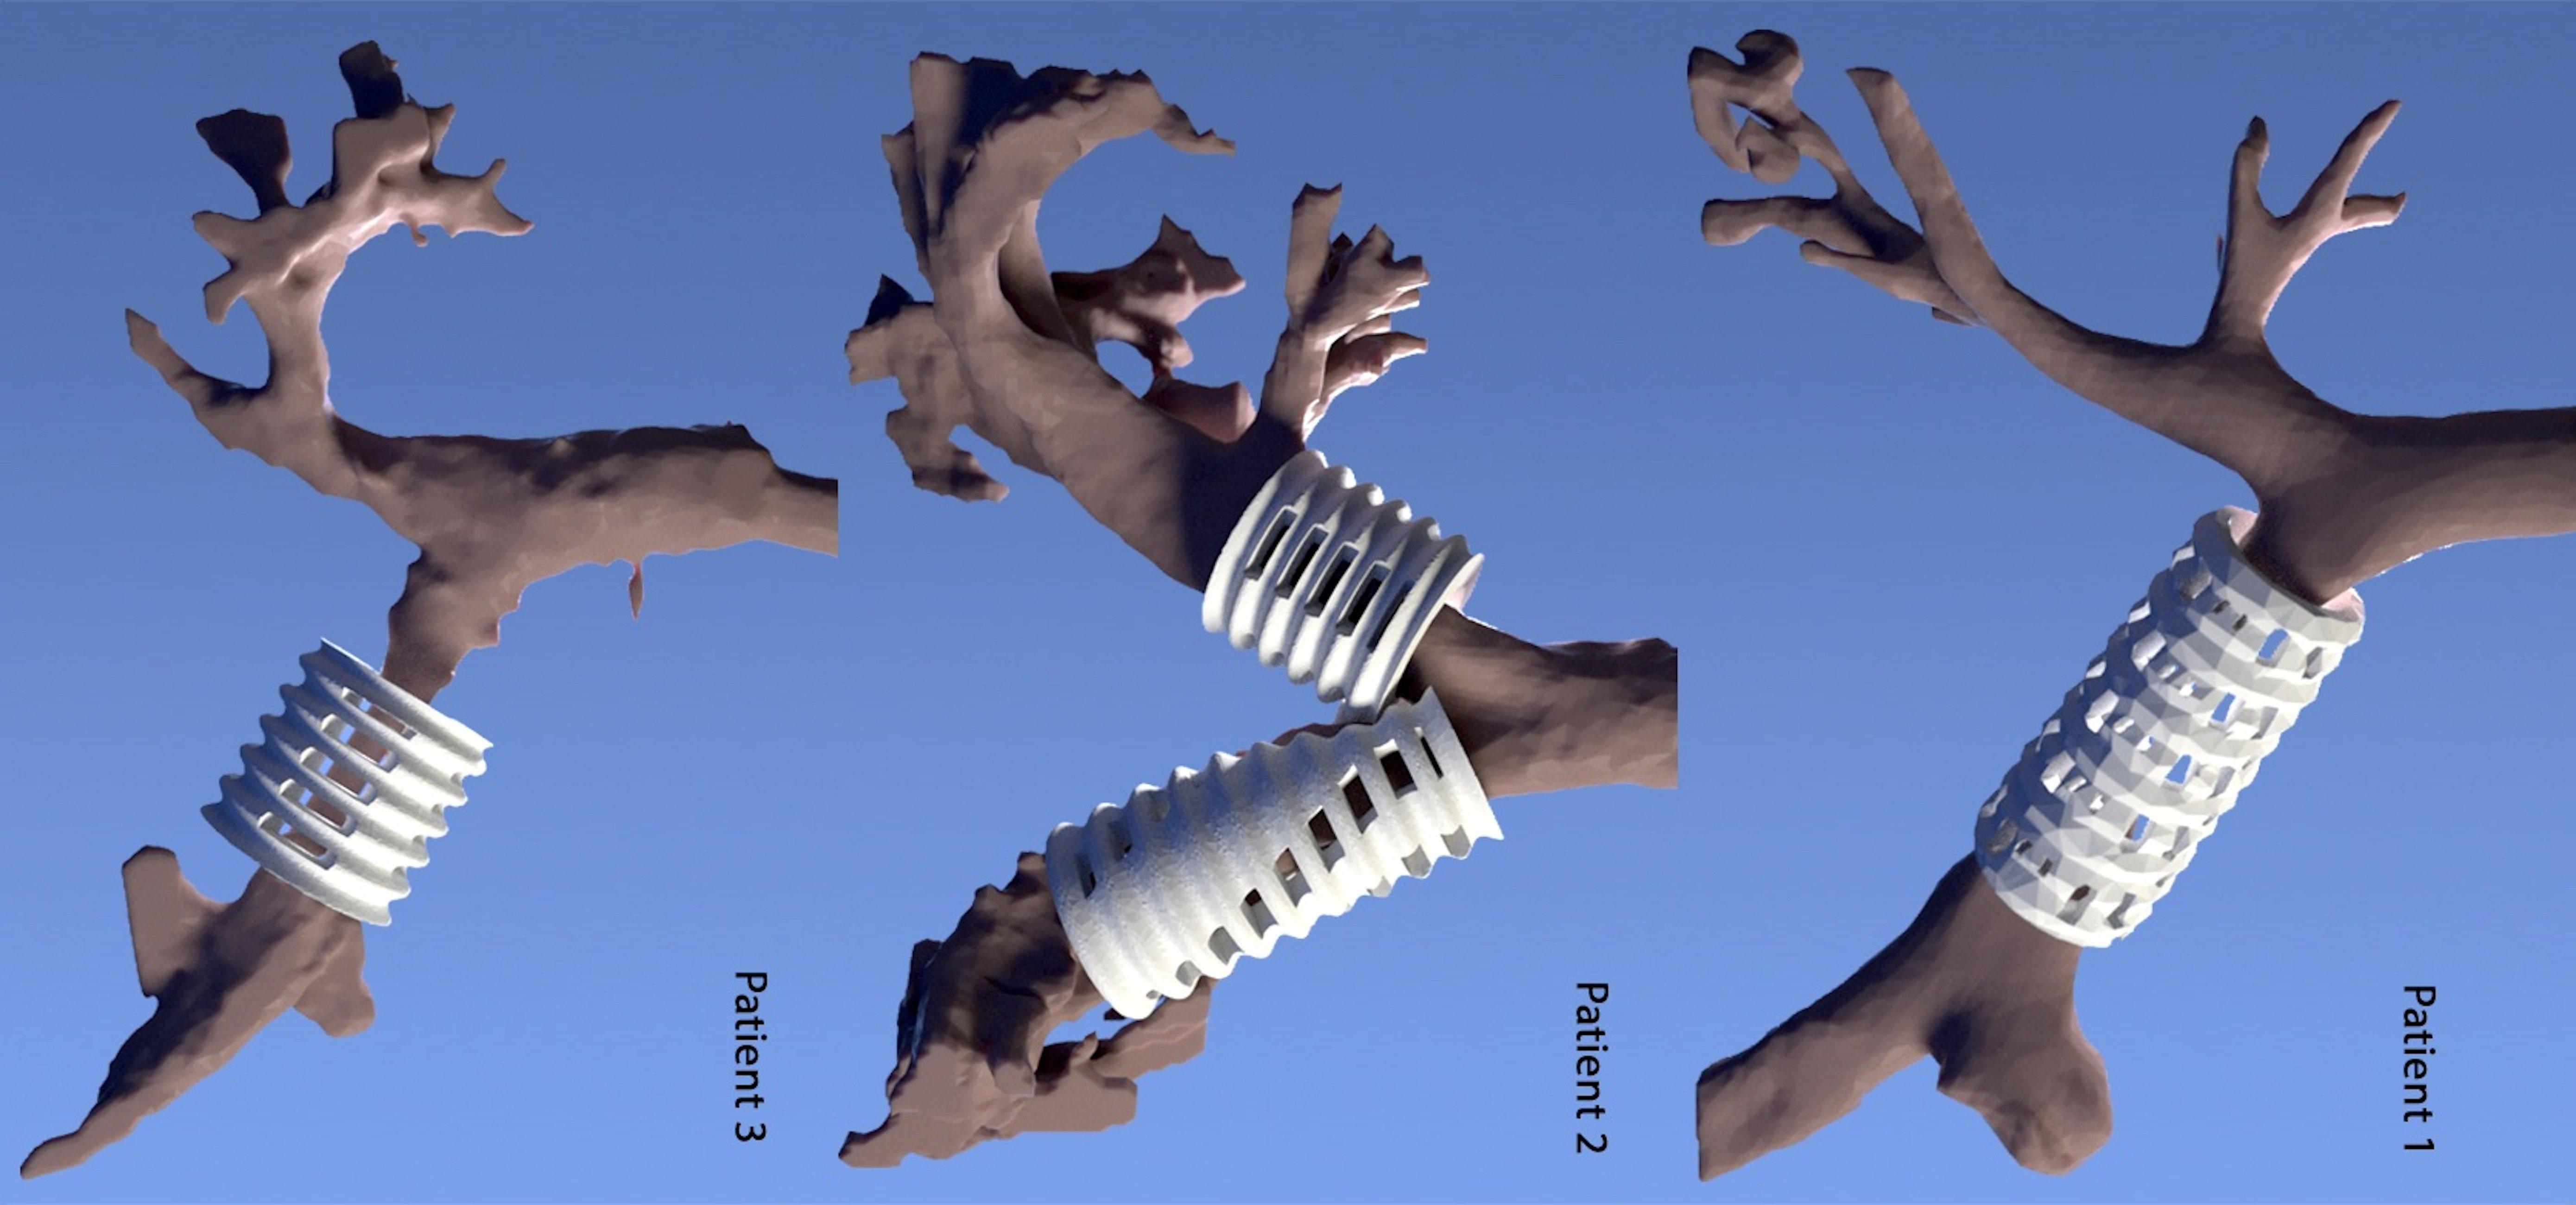 Die Implantate werden individuell an die Luftröhre der Kinder angepasst und vernäht. Ähnlich wie ein Exoskelett verhindern sie, dass die instabilen Luftröhren zusammen fallen.